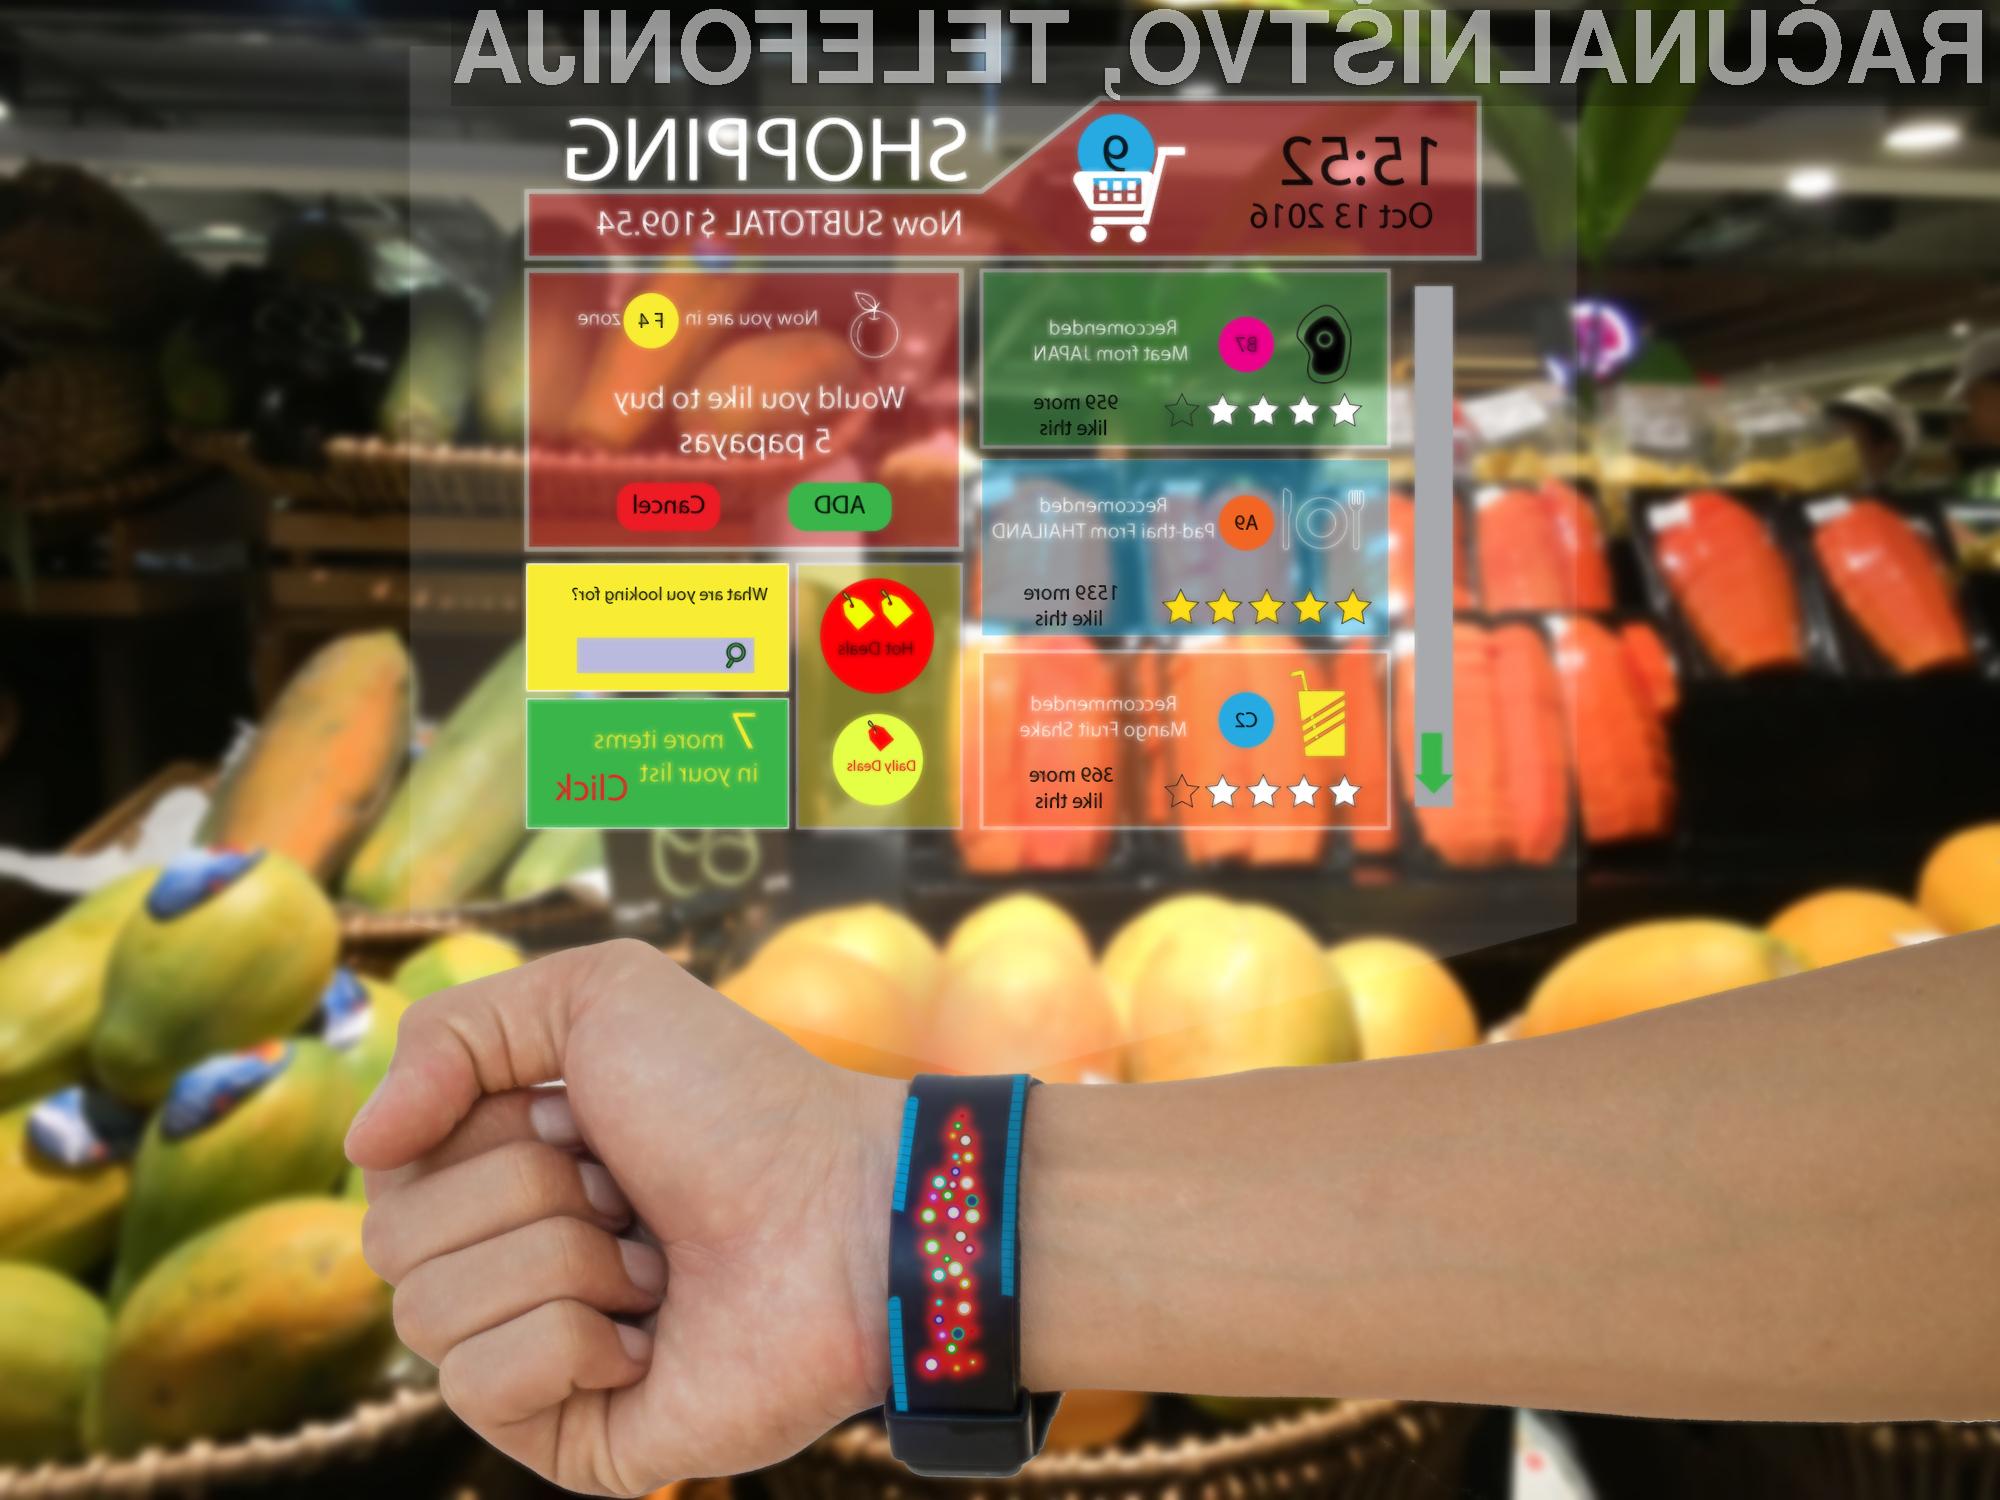 5 tehnoloških trendov, ki bodo spremenili način nakupovanja